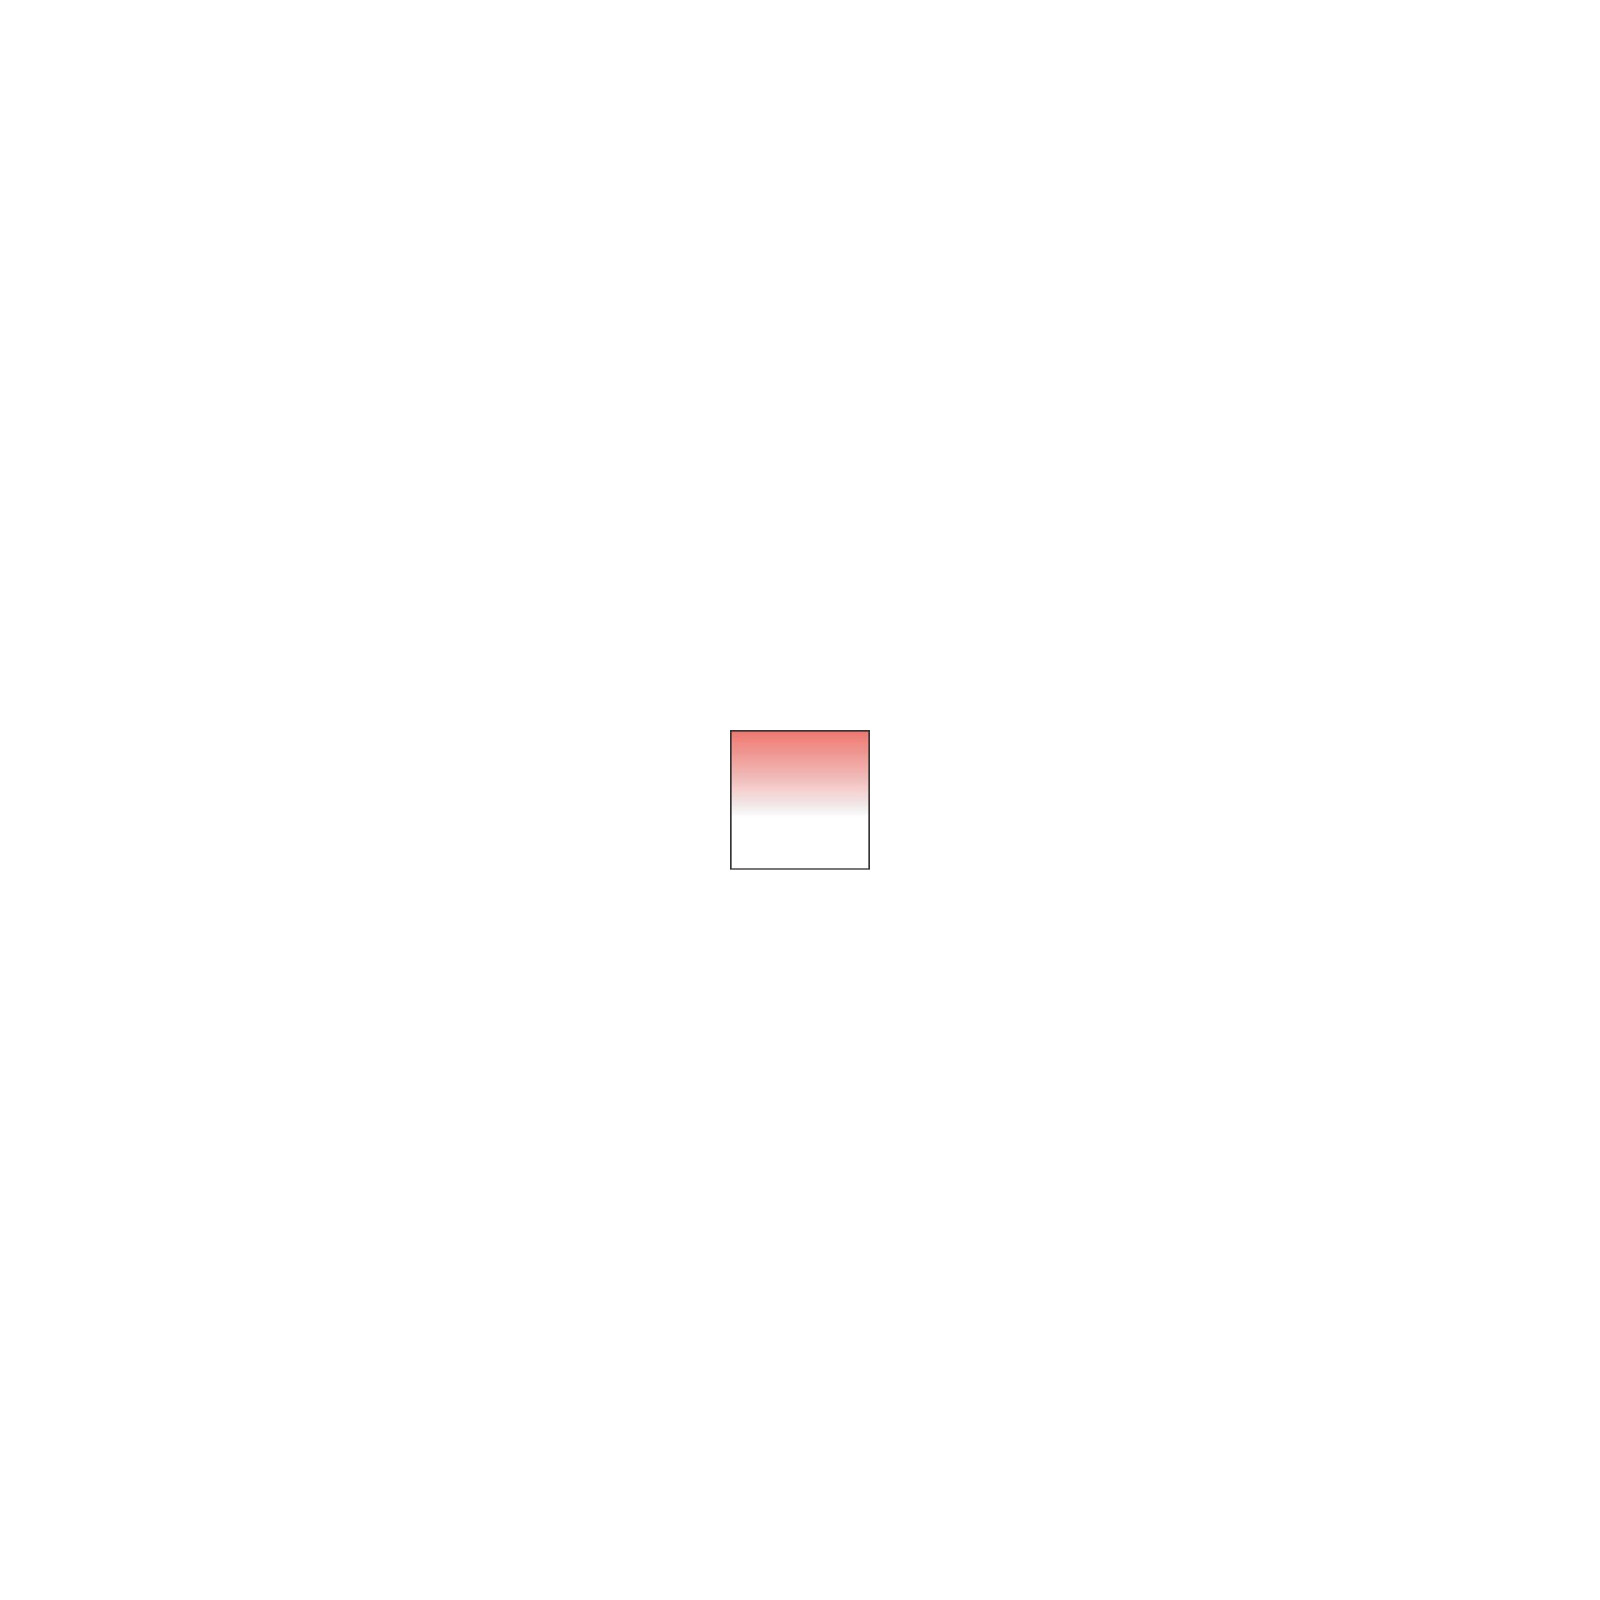 Cokin P664 Verlauf leuchtend Rot 1